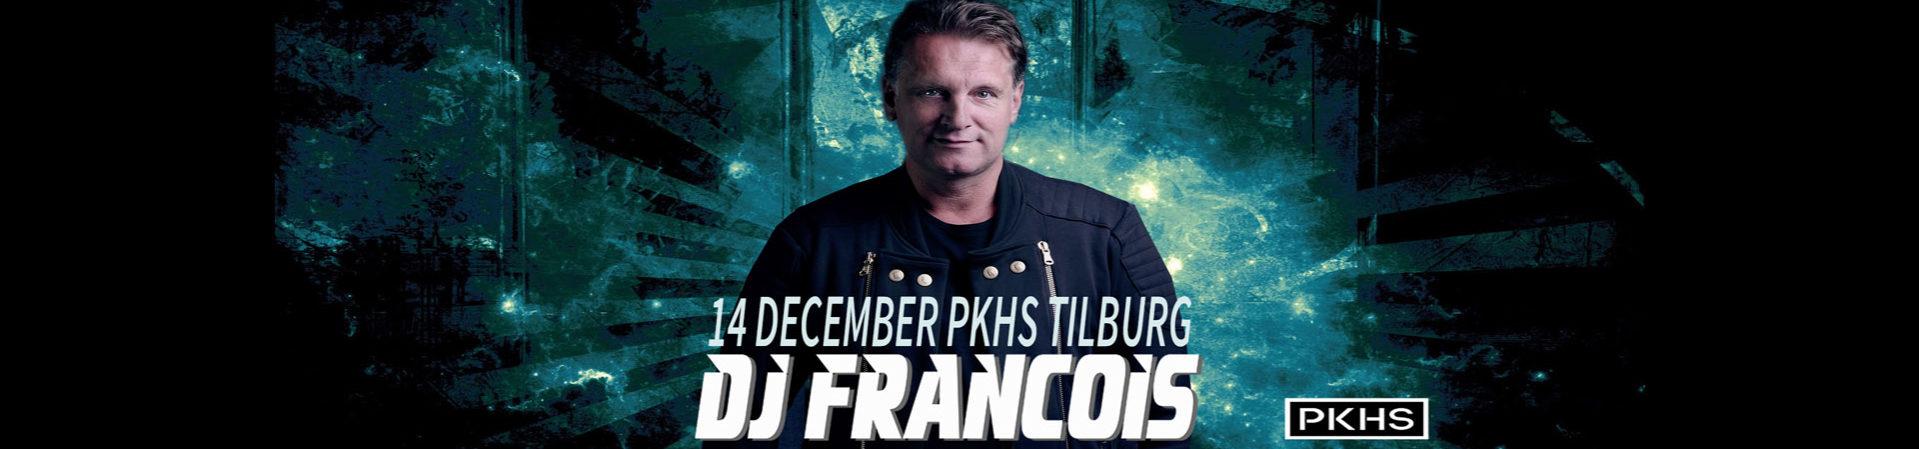 DJ Francois 14 dec